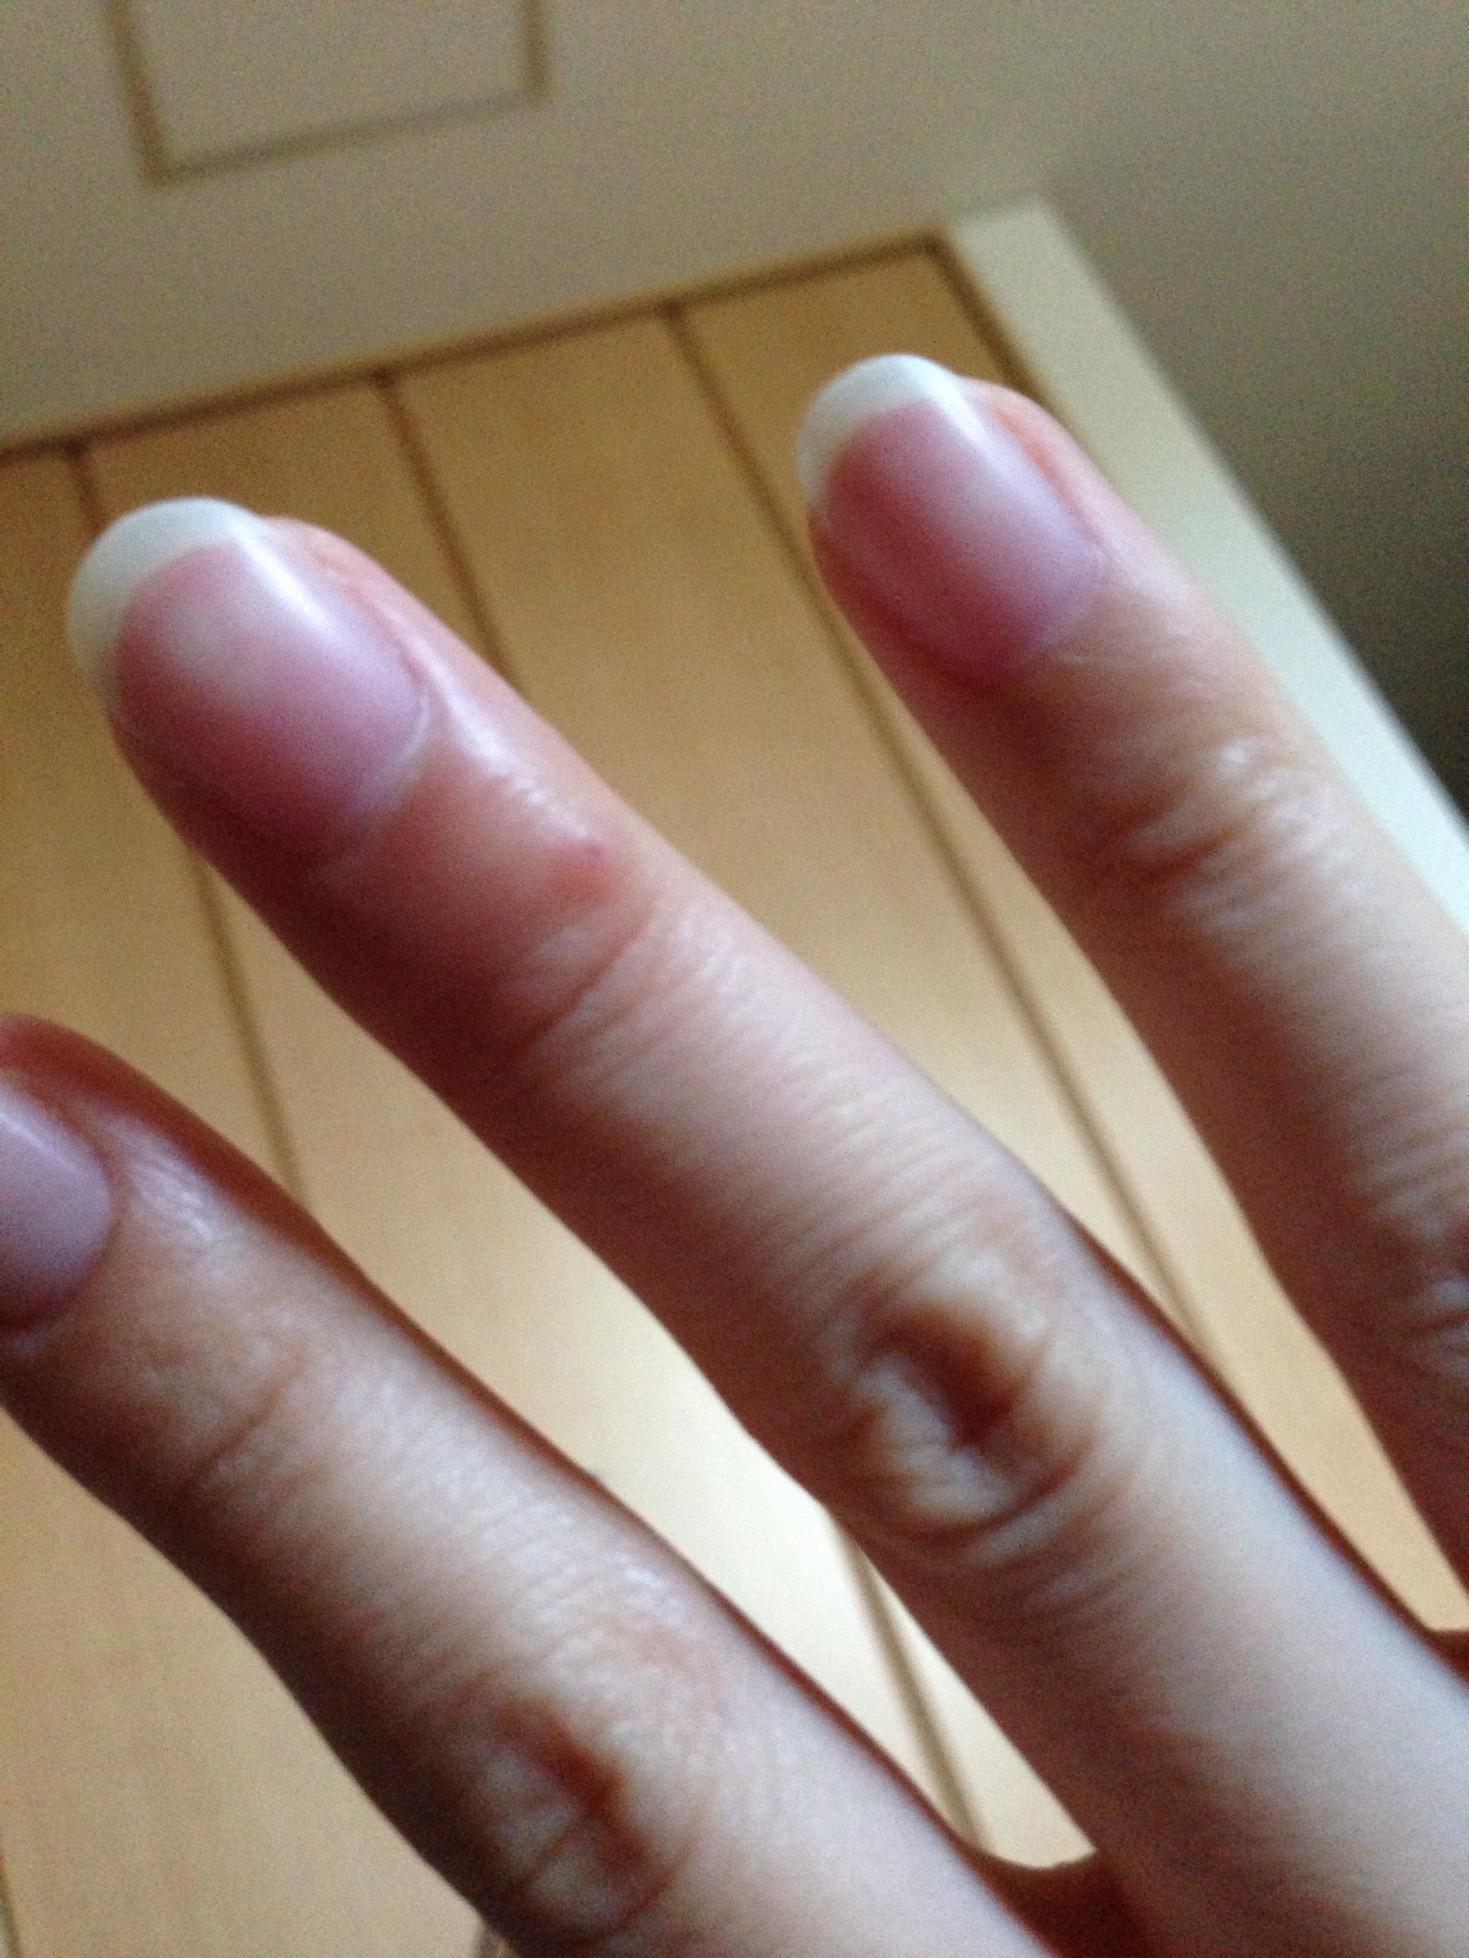 一週間前から指が痒くて腫れてる!!